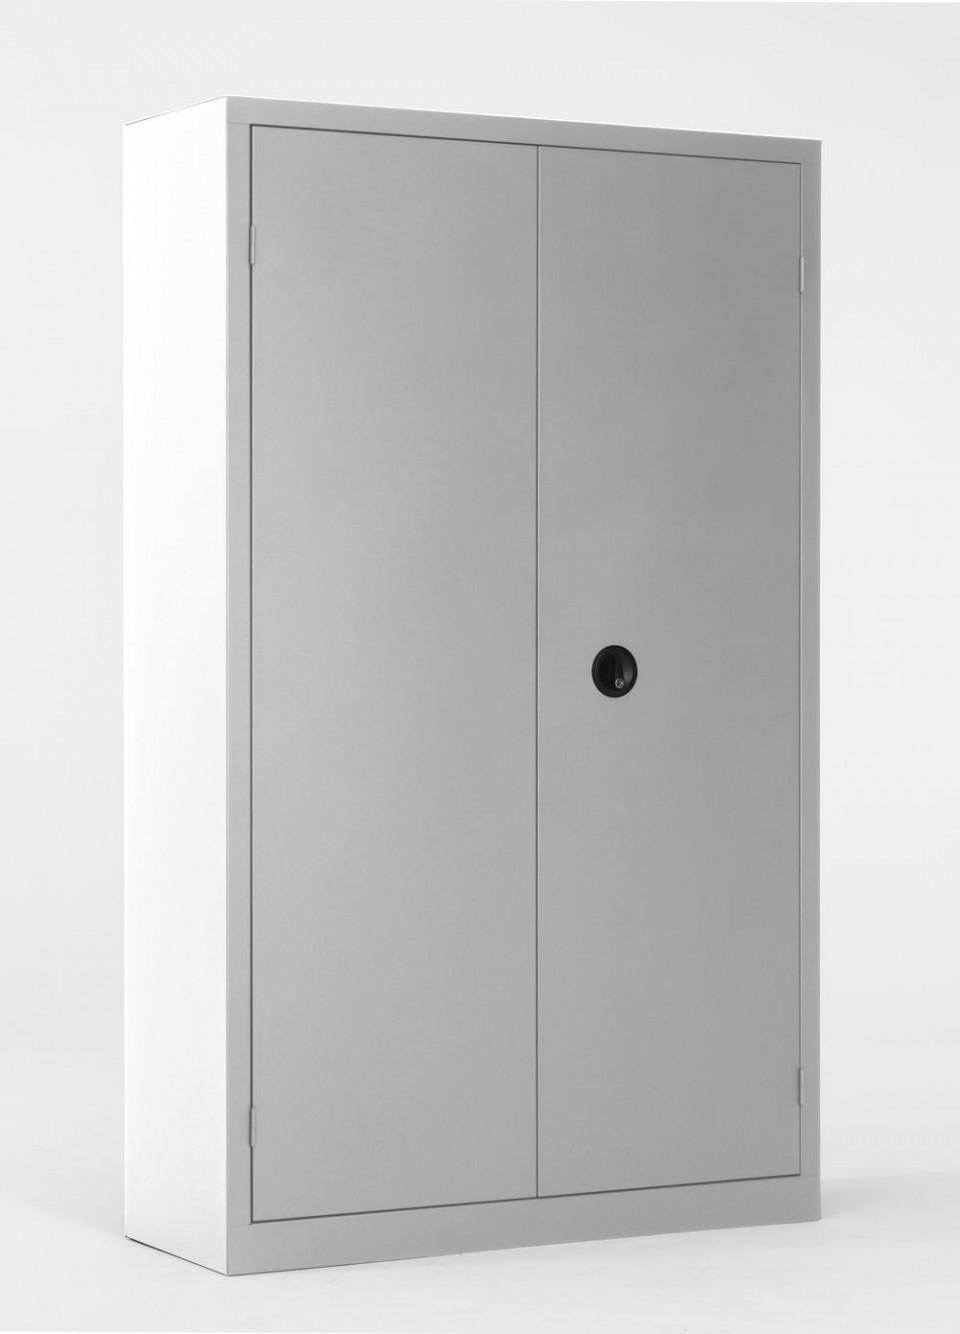 armoire metallique pour garage armoire metallique pour. Black Bedroom Furniture Sets. Home Design Ideas